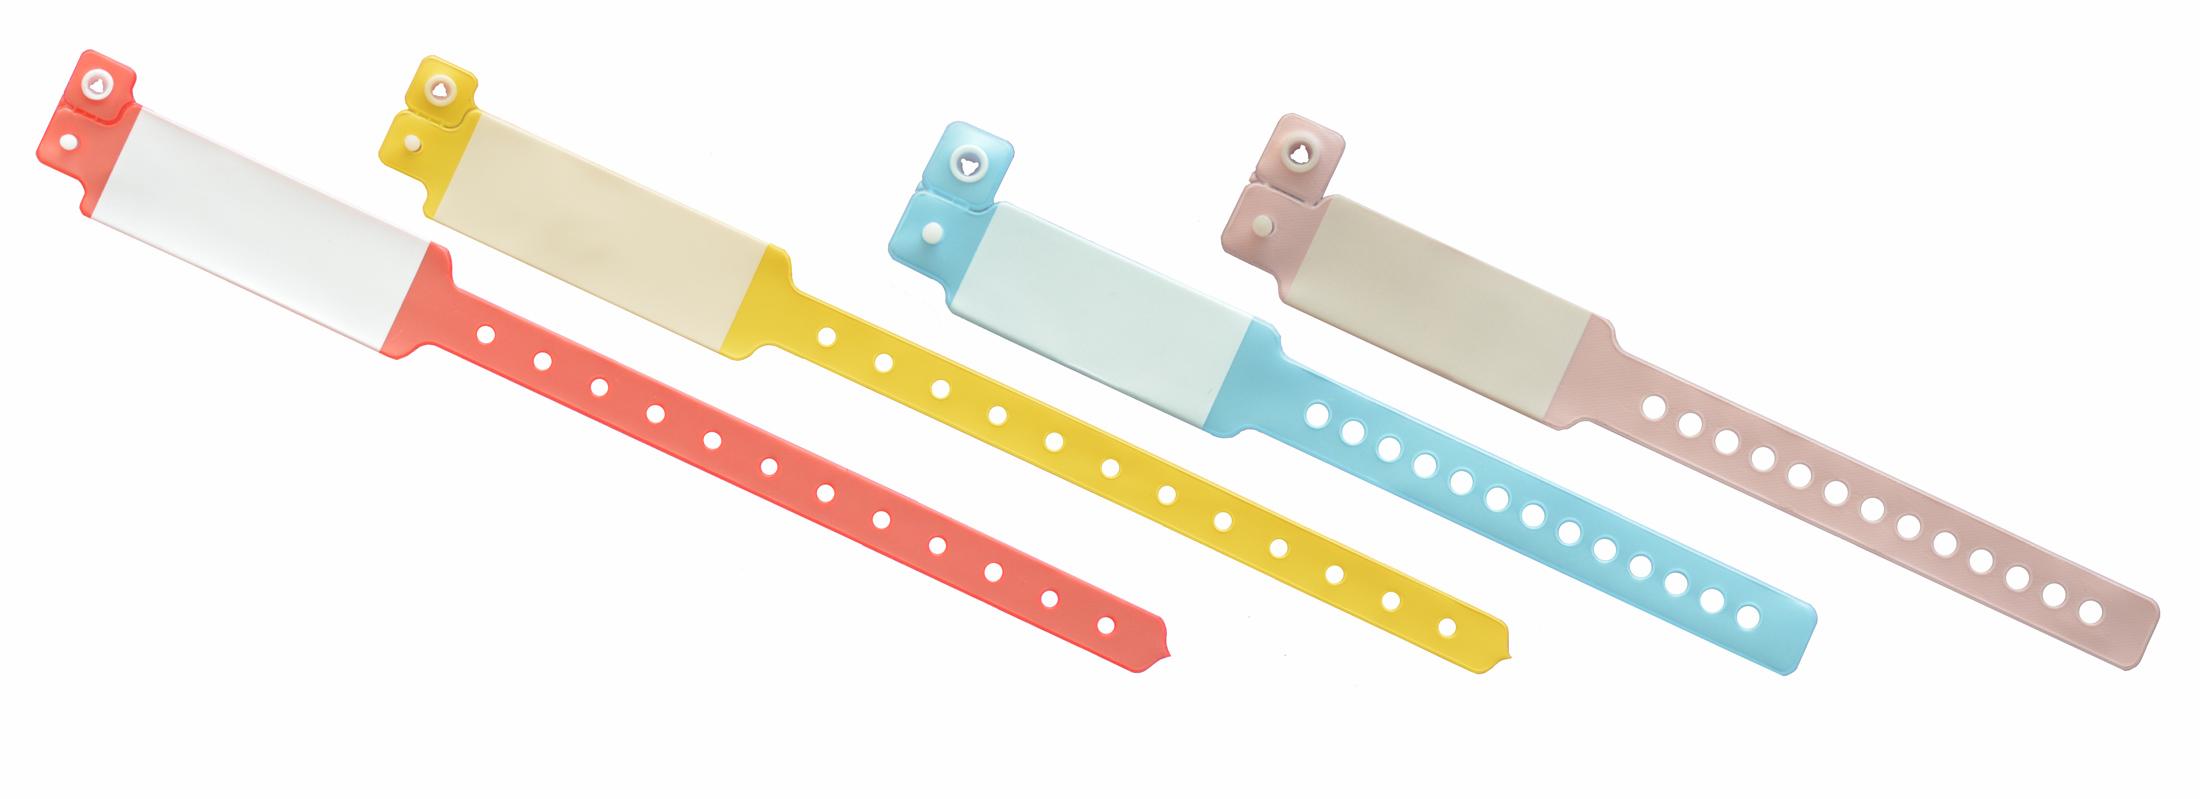 دستبند های قابل نوشتن